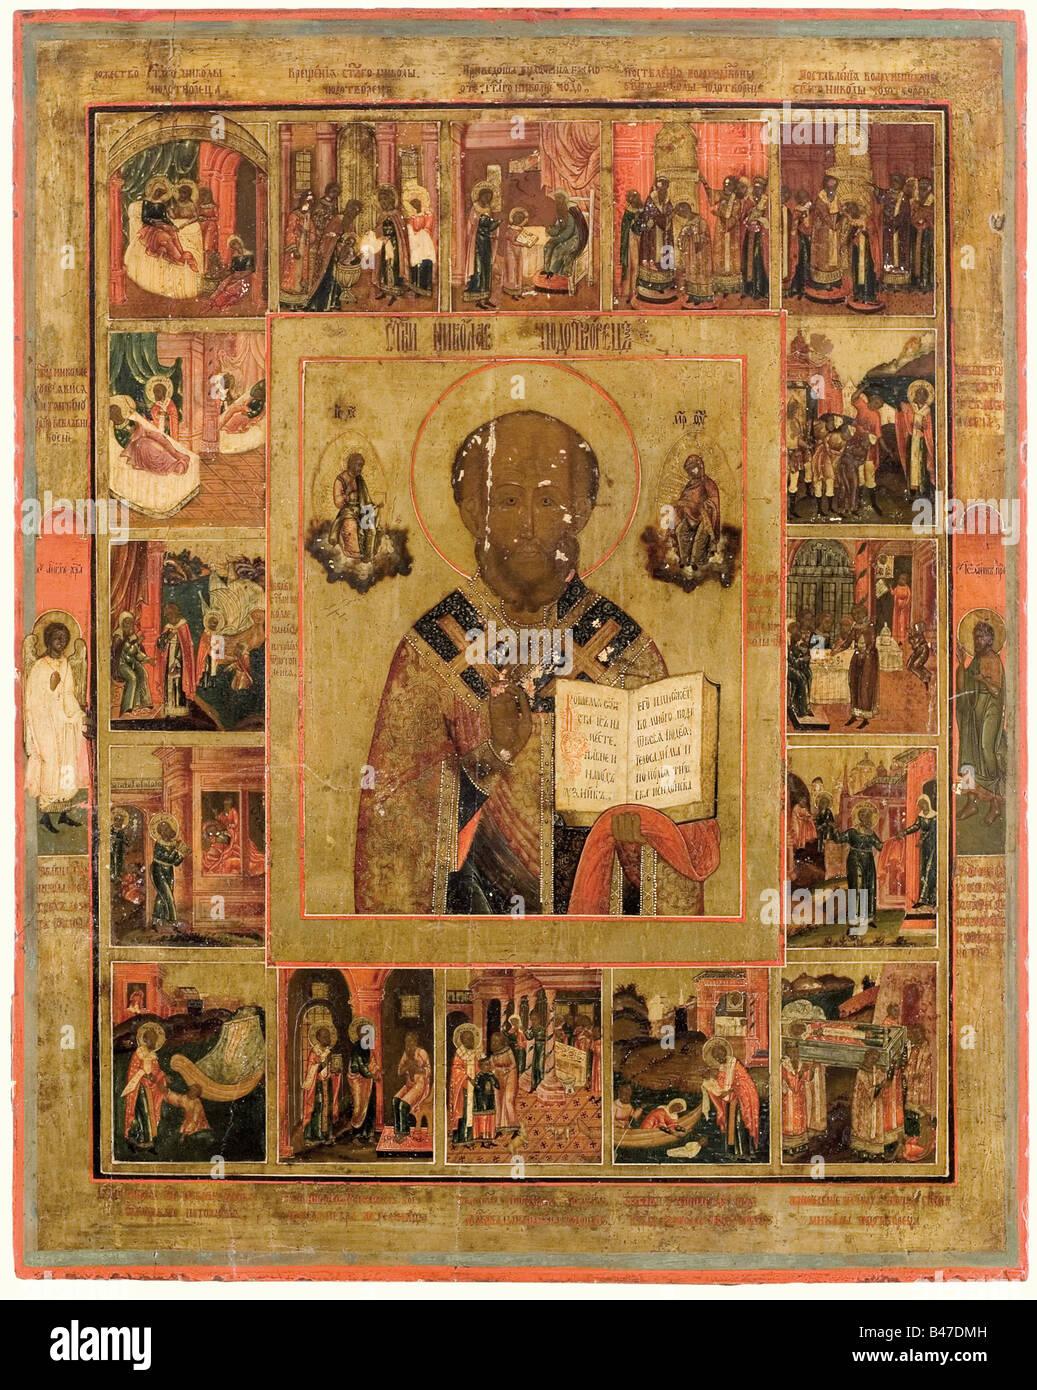 Une icône, vers 1840. Une photo de Saint Nicolas au centre, entouré par des scènes de sa vie. Technique Photo Stock